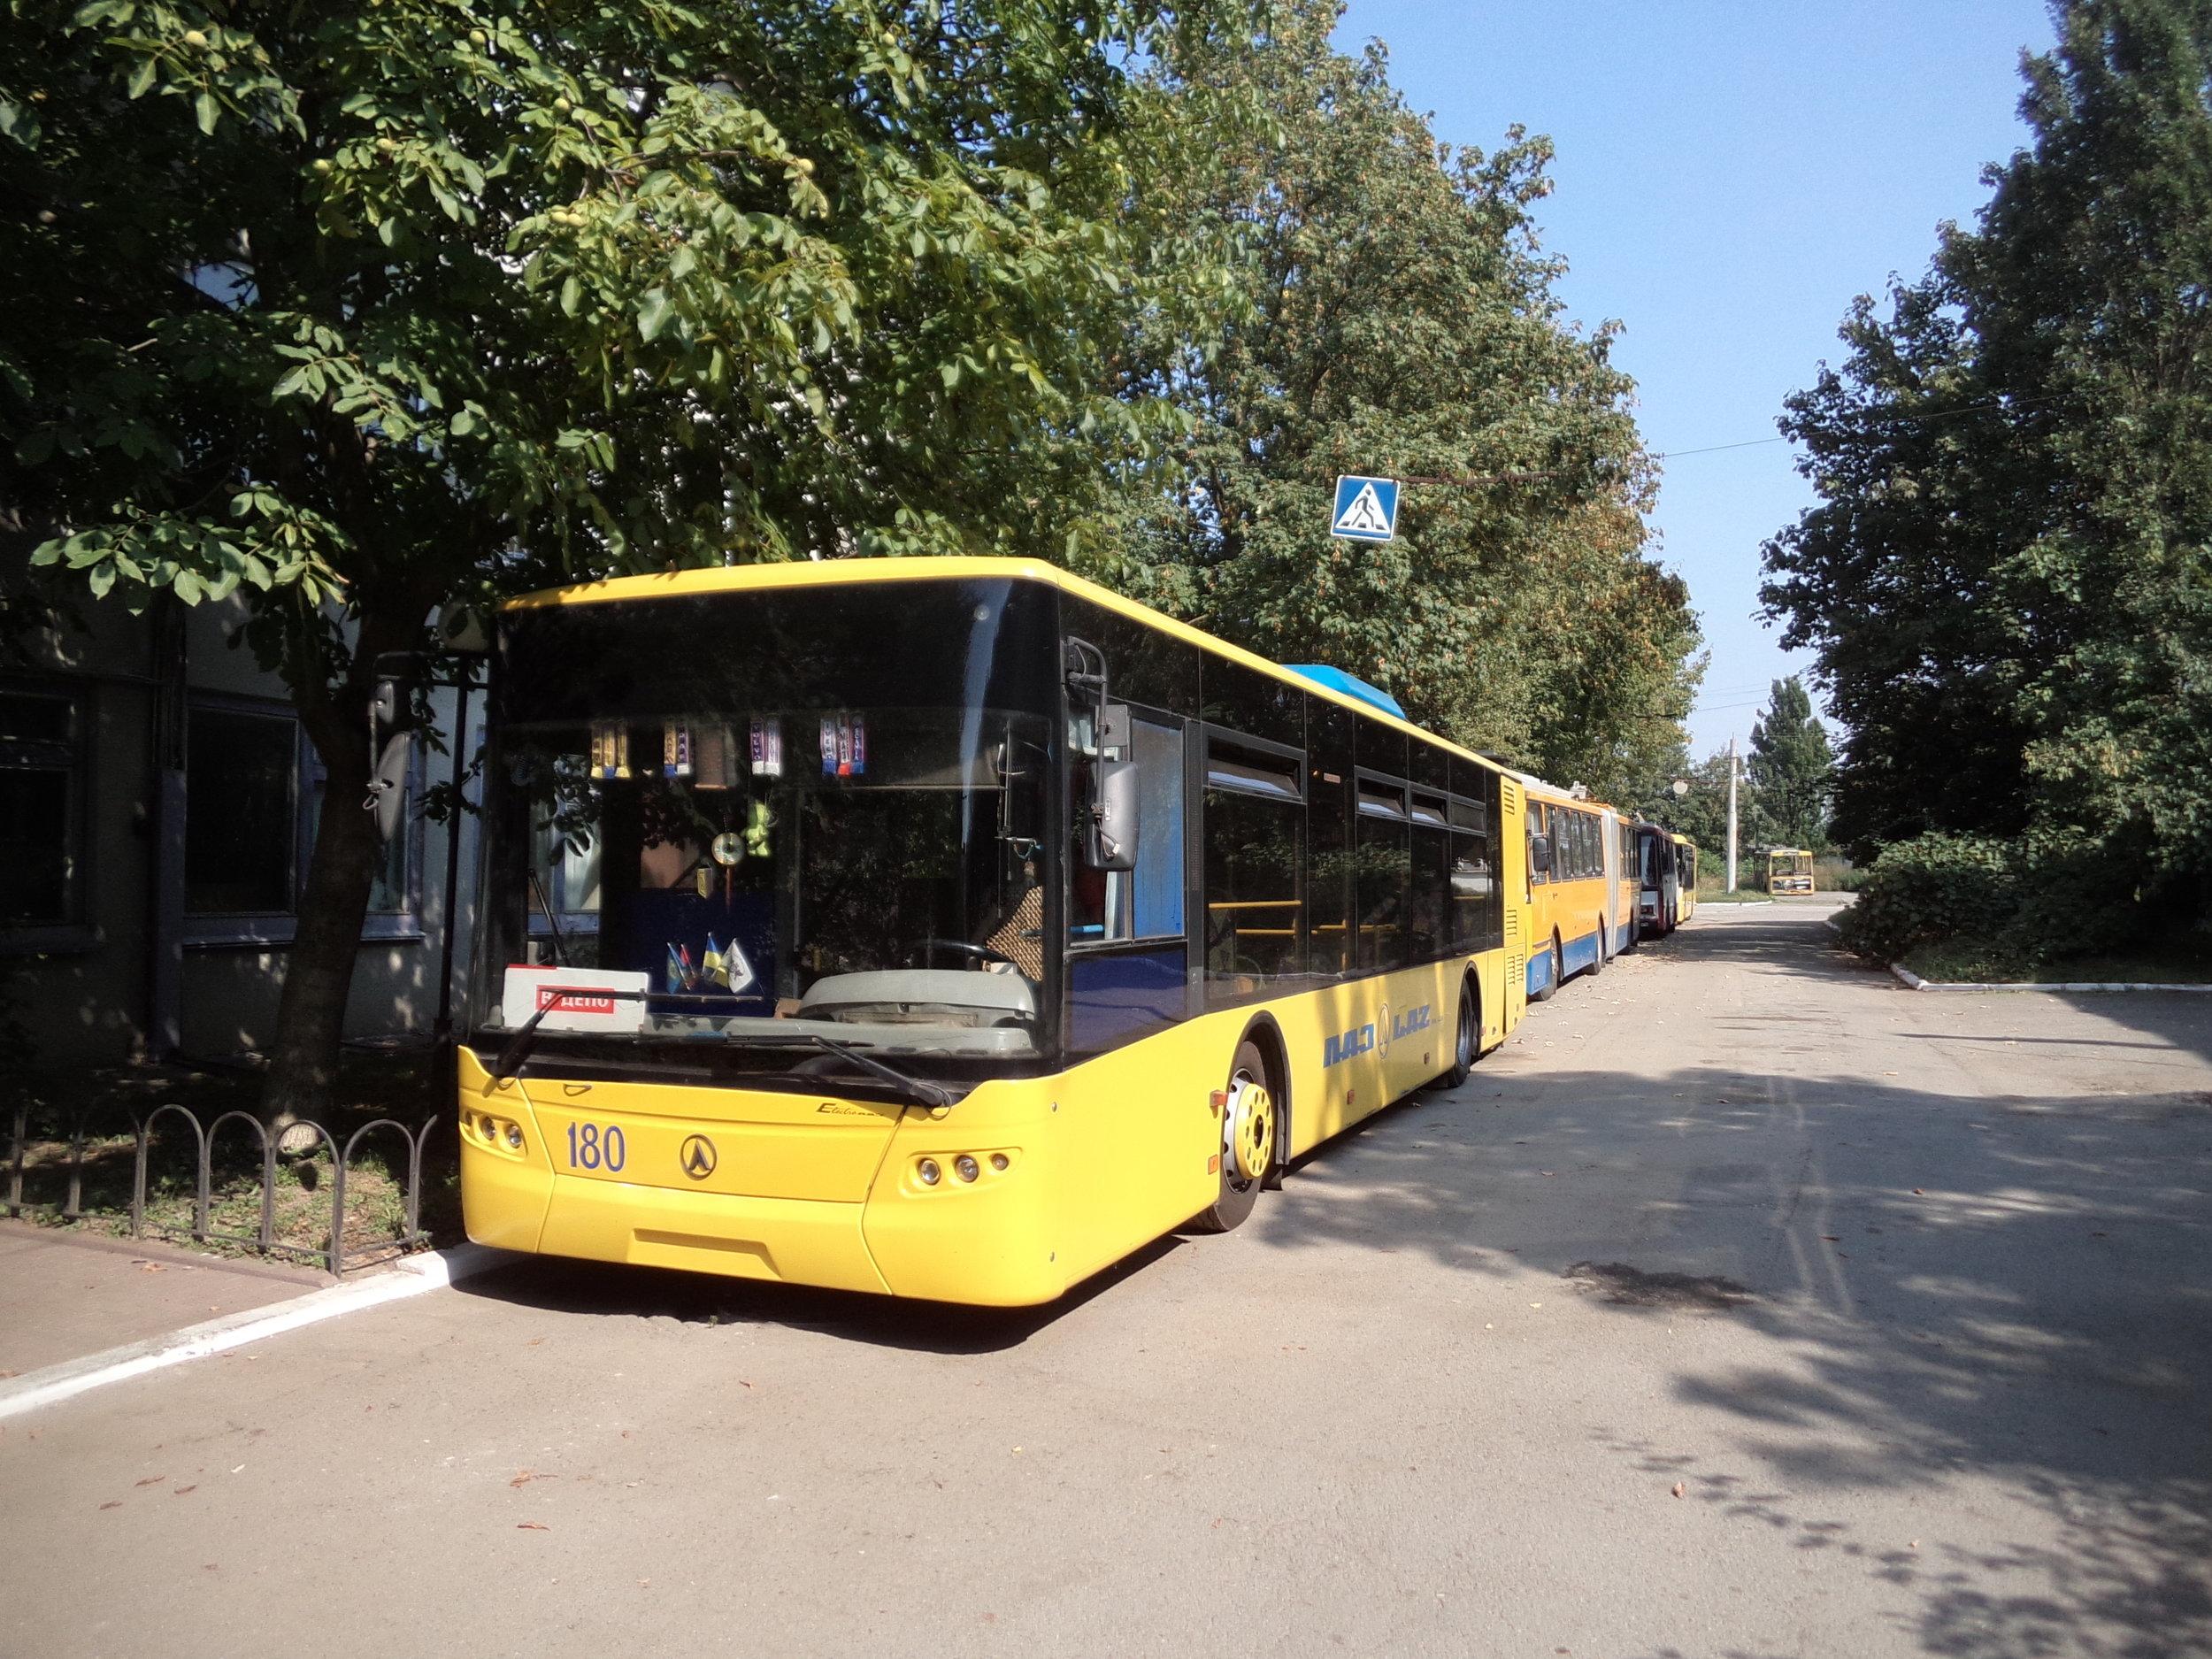 Pětice vozů domácí provenience typu LAZ E183D1 (vedených pod ev. č. 176 –180) přišla do Ivano-Frankivsku v letech 2006 – 2009 a od té doby nebyl místní vozový park novými vozy obnovován.